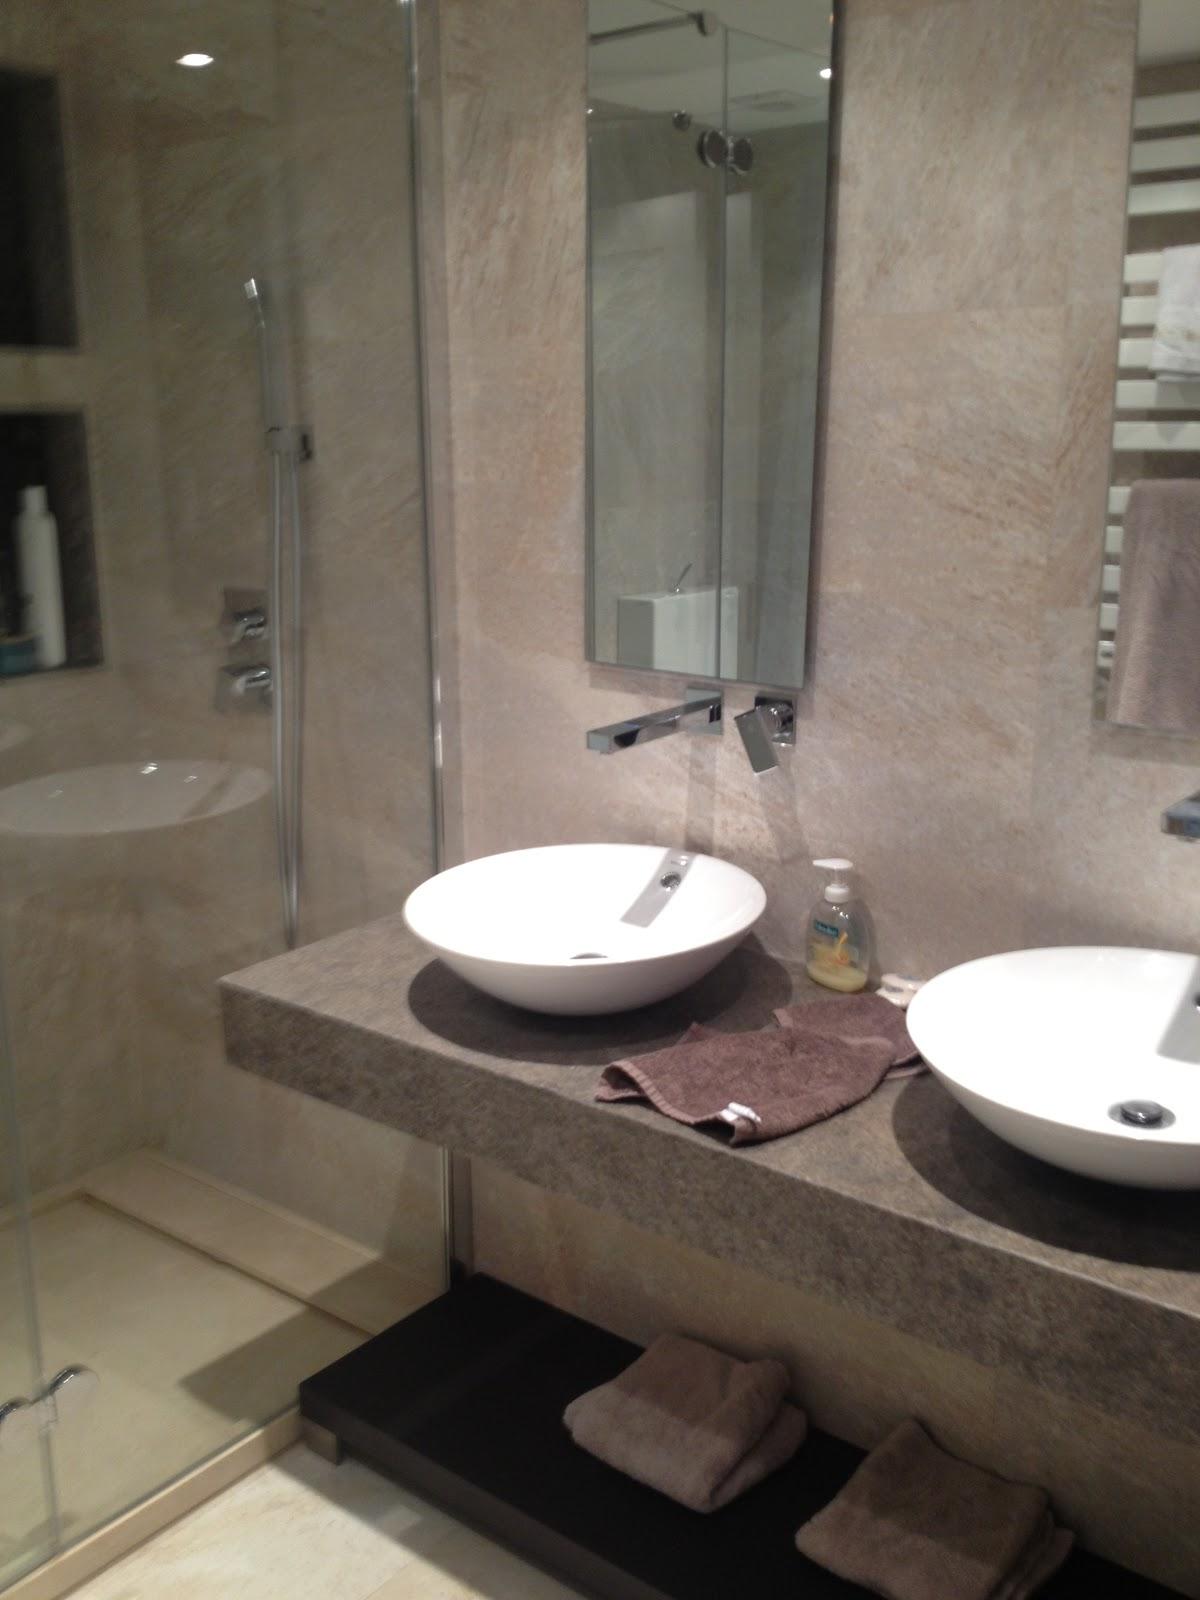 Dcorandobyalba cuartos de ba o con estilo - Espejos para lavabos ...